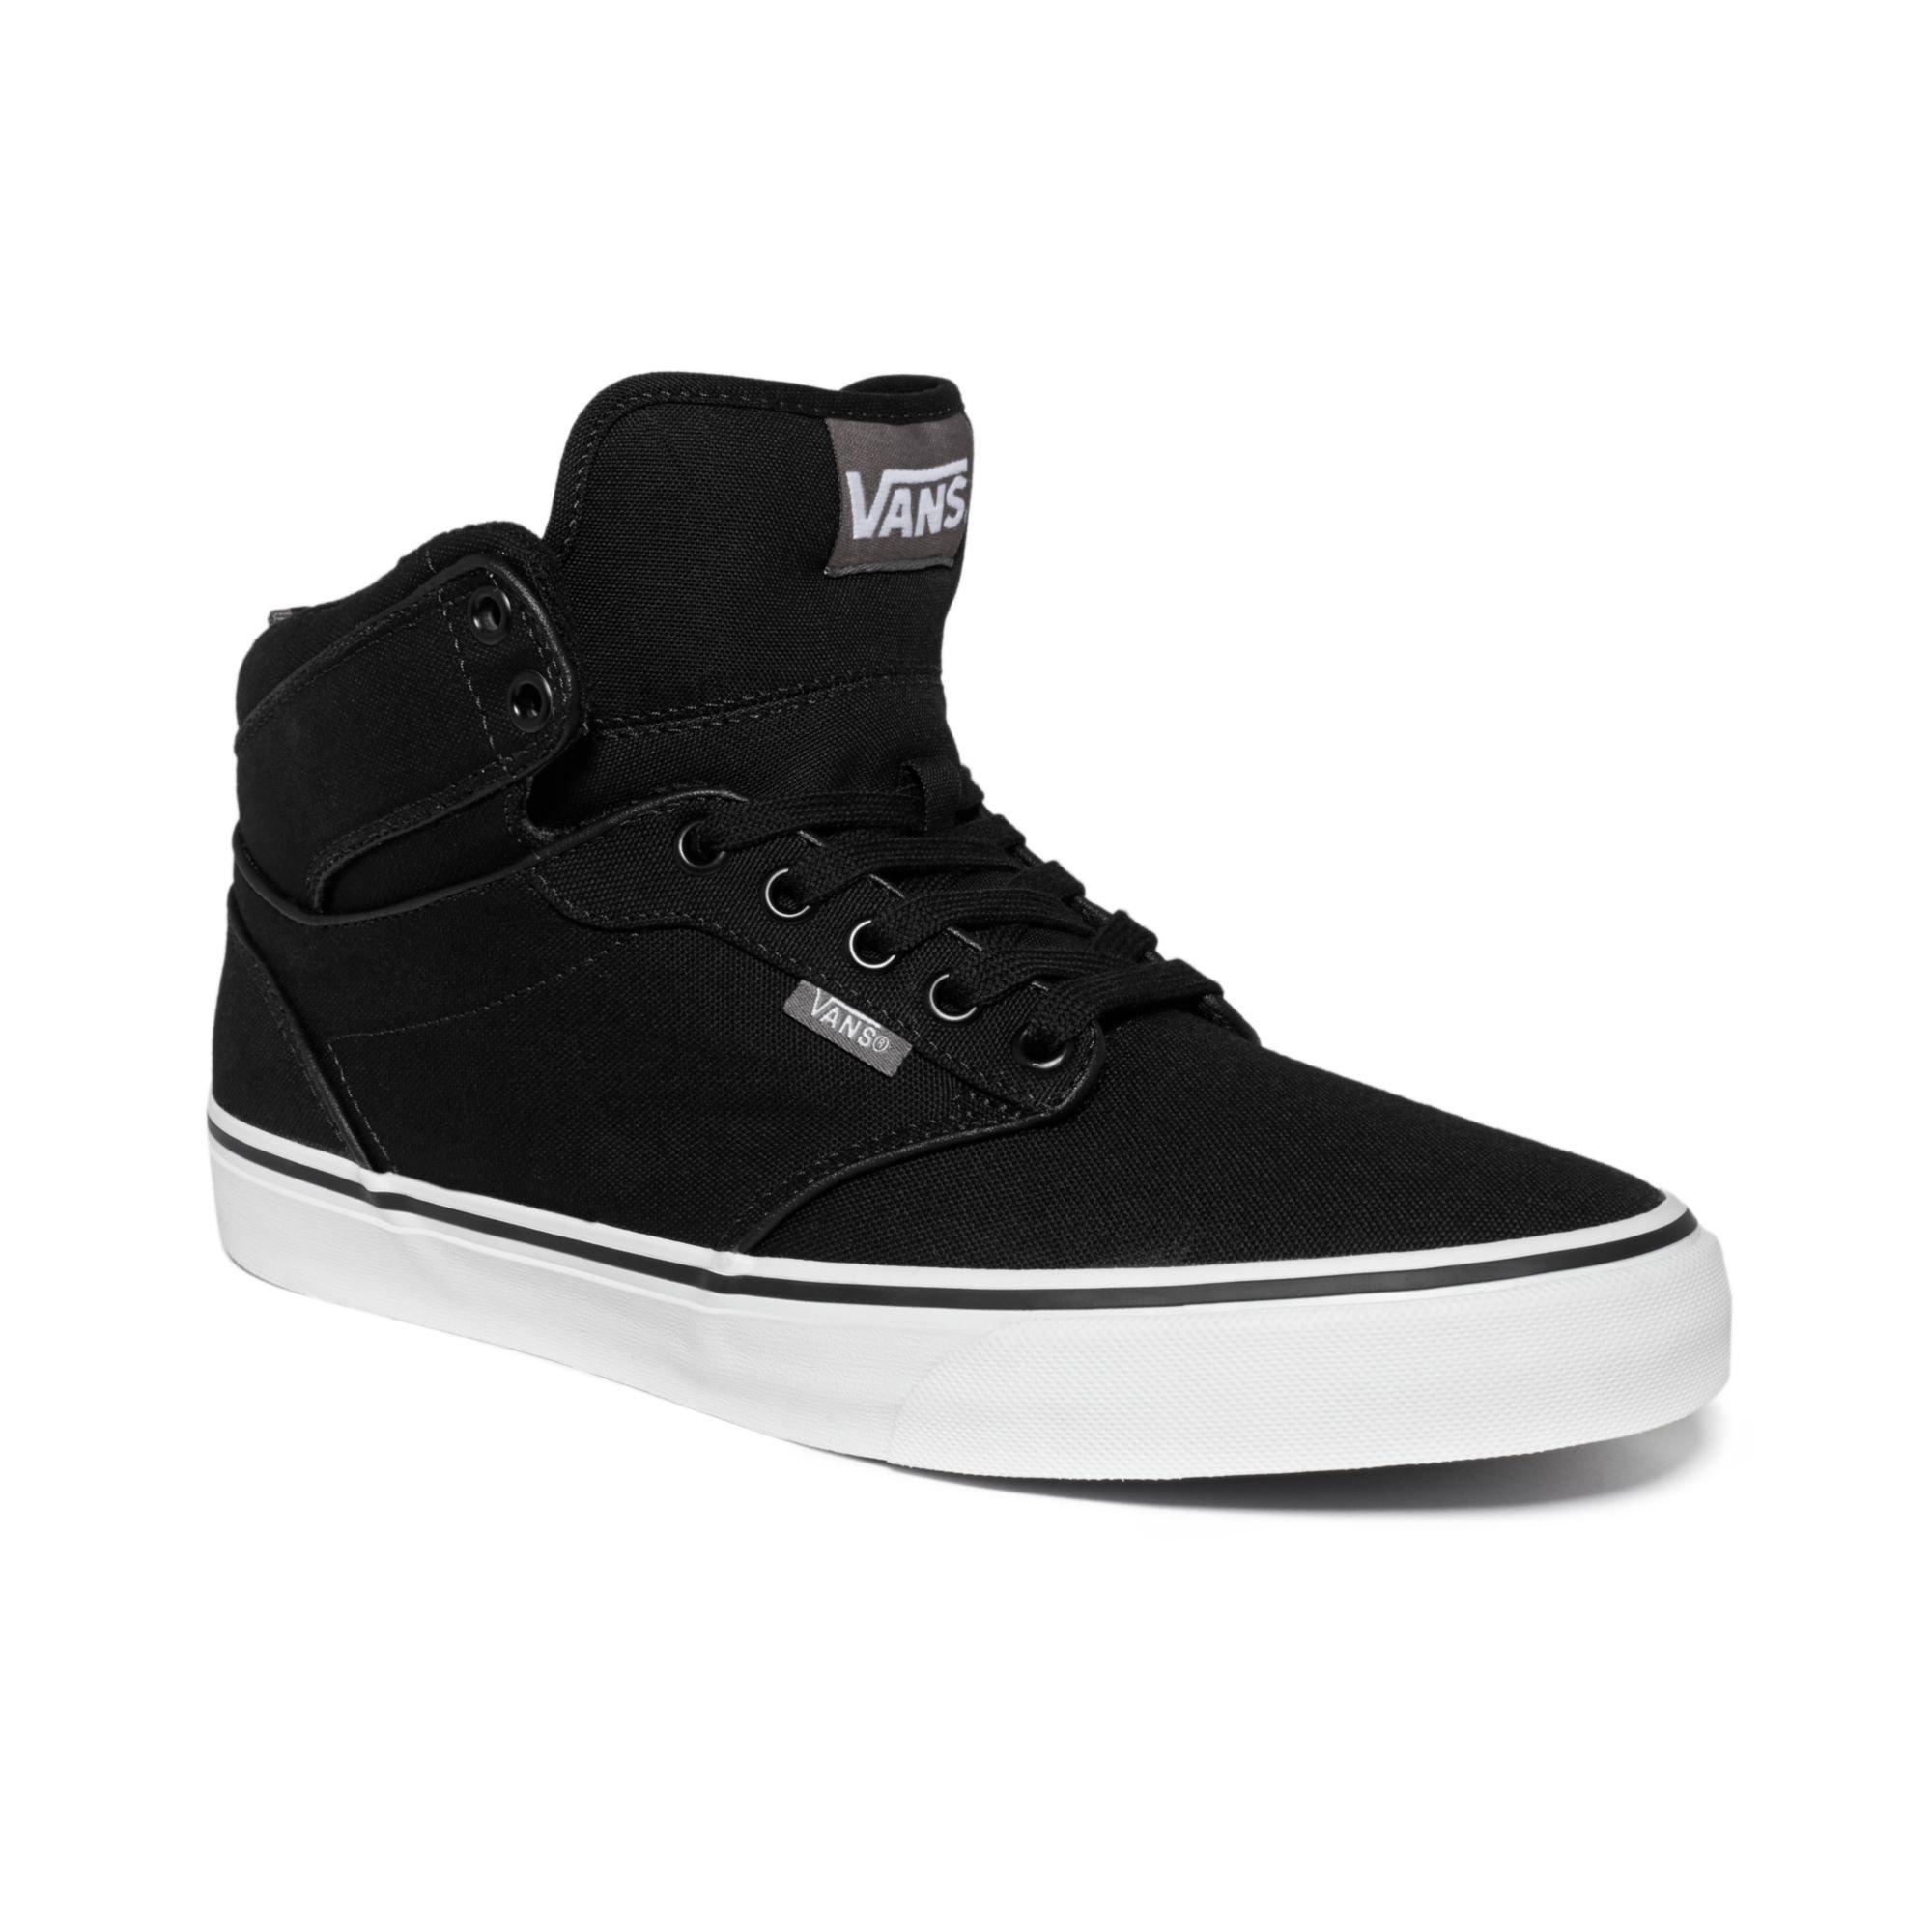 vans atwood black sneakers